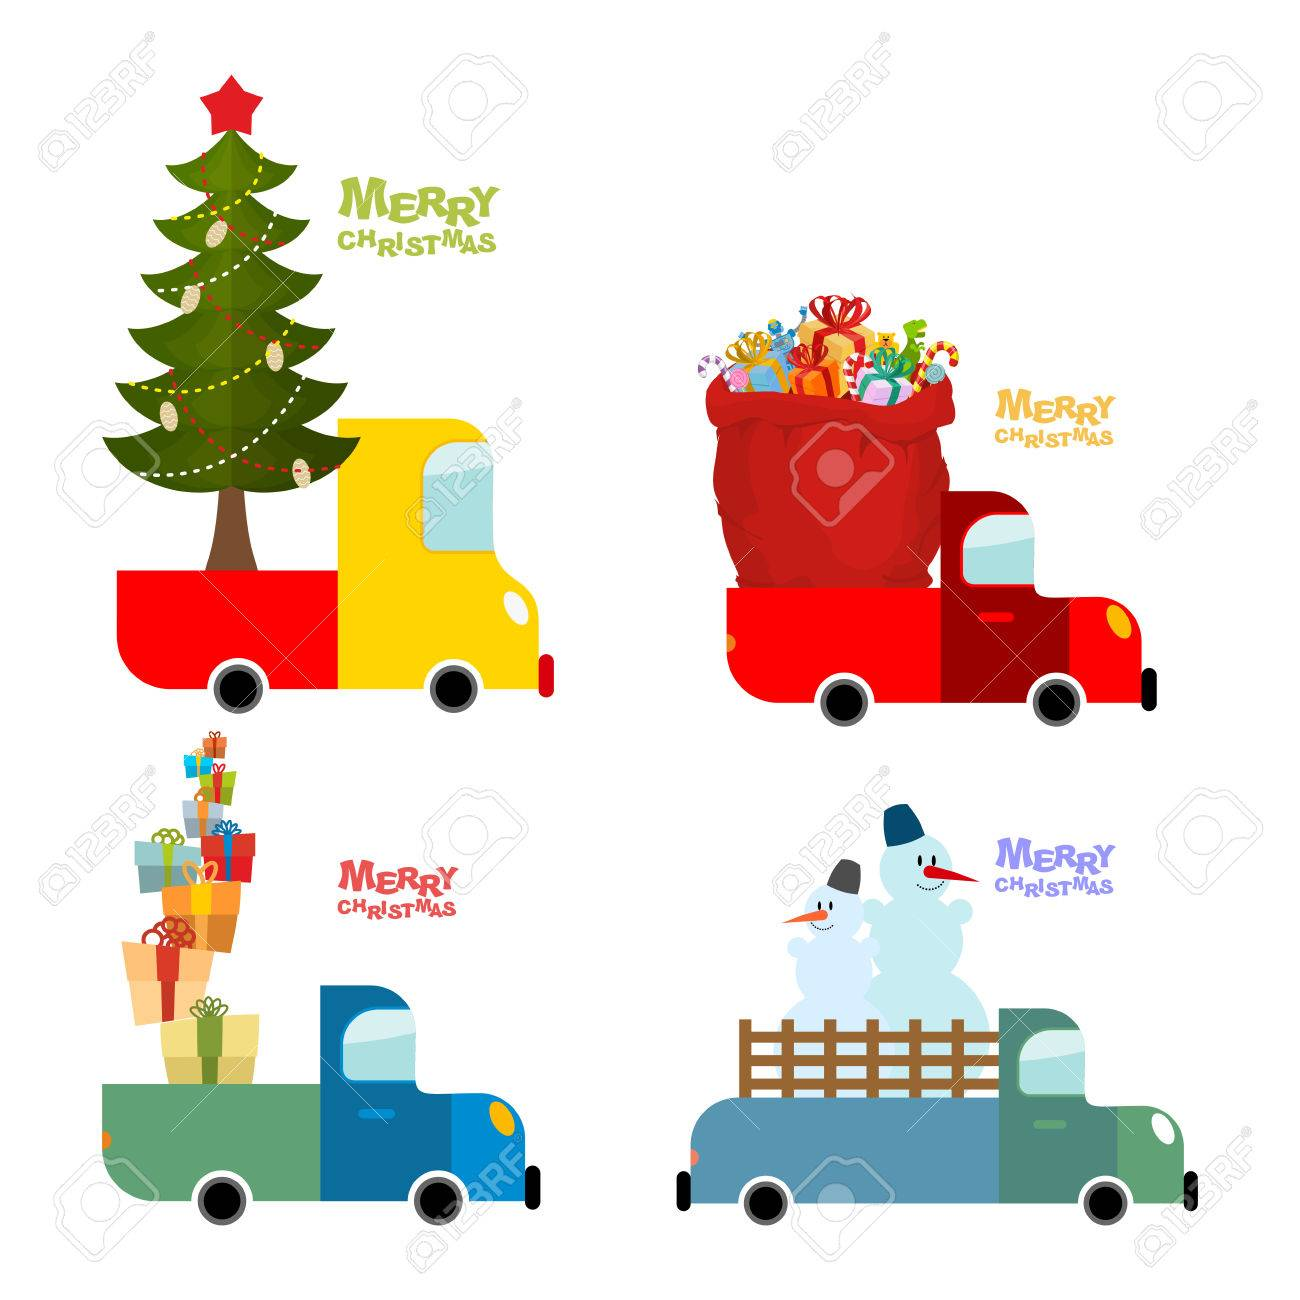 Juego De Transporte De Feliz Navidad. Máquina Lleva árbol De Navidad ...